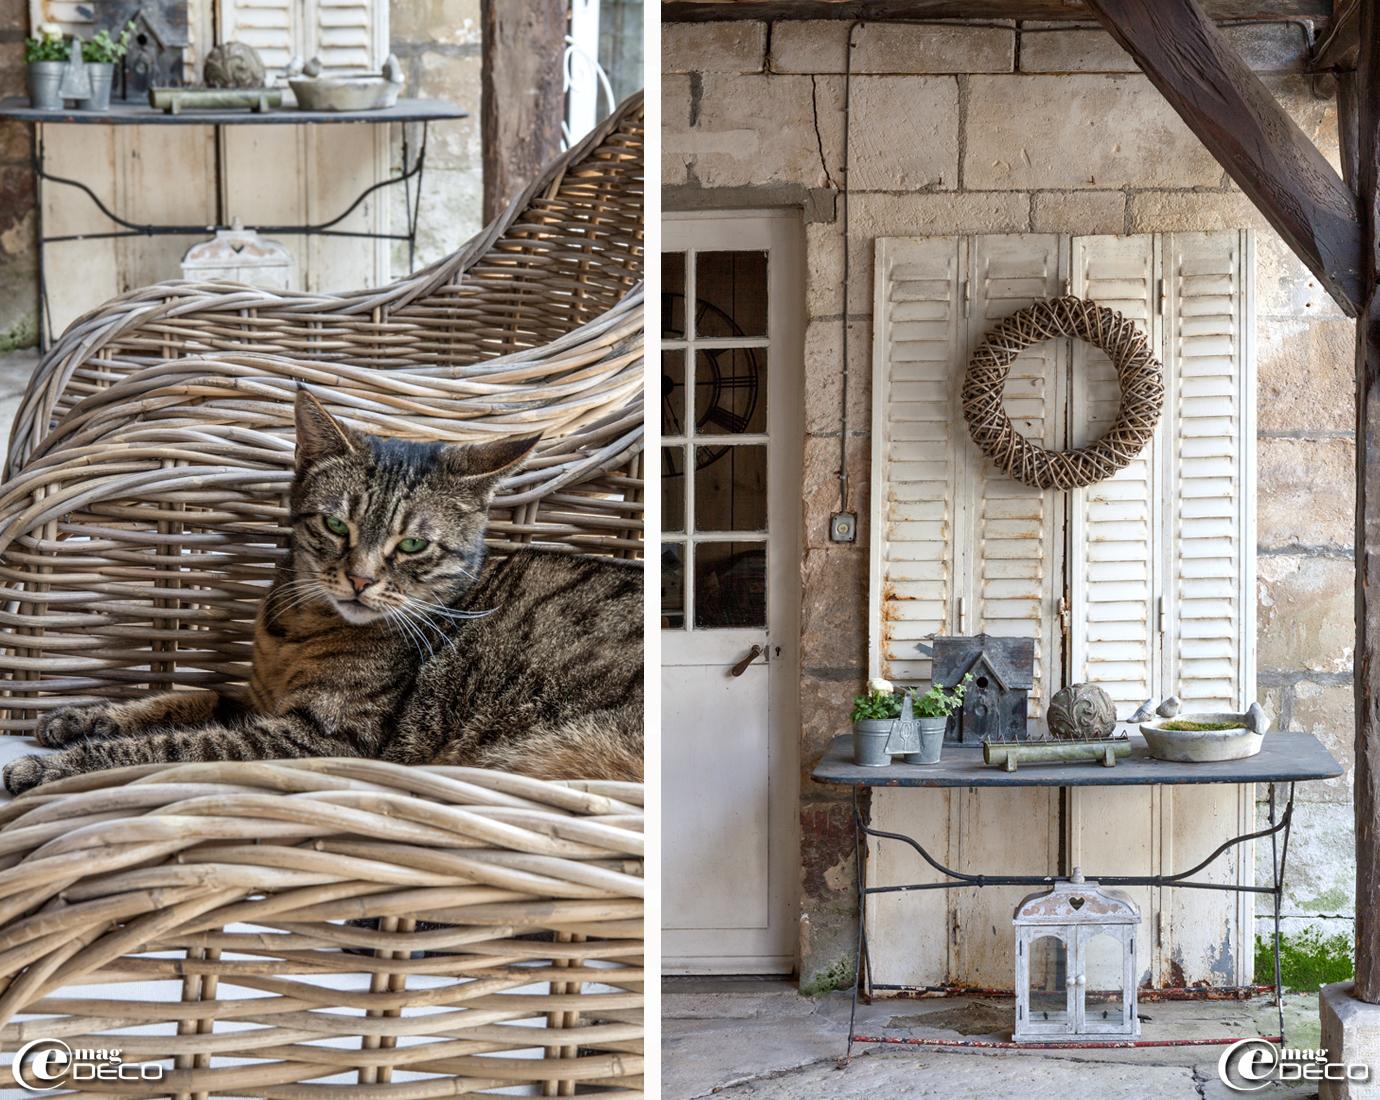 une maison de famille en picardie e magdeco magazine de d coration. Black Bedroom Furniture Sets. Home Design Ideas